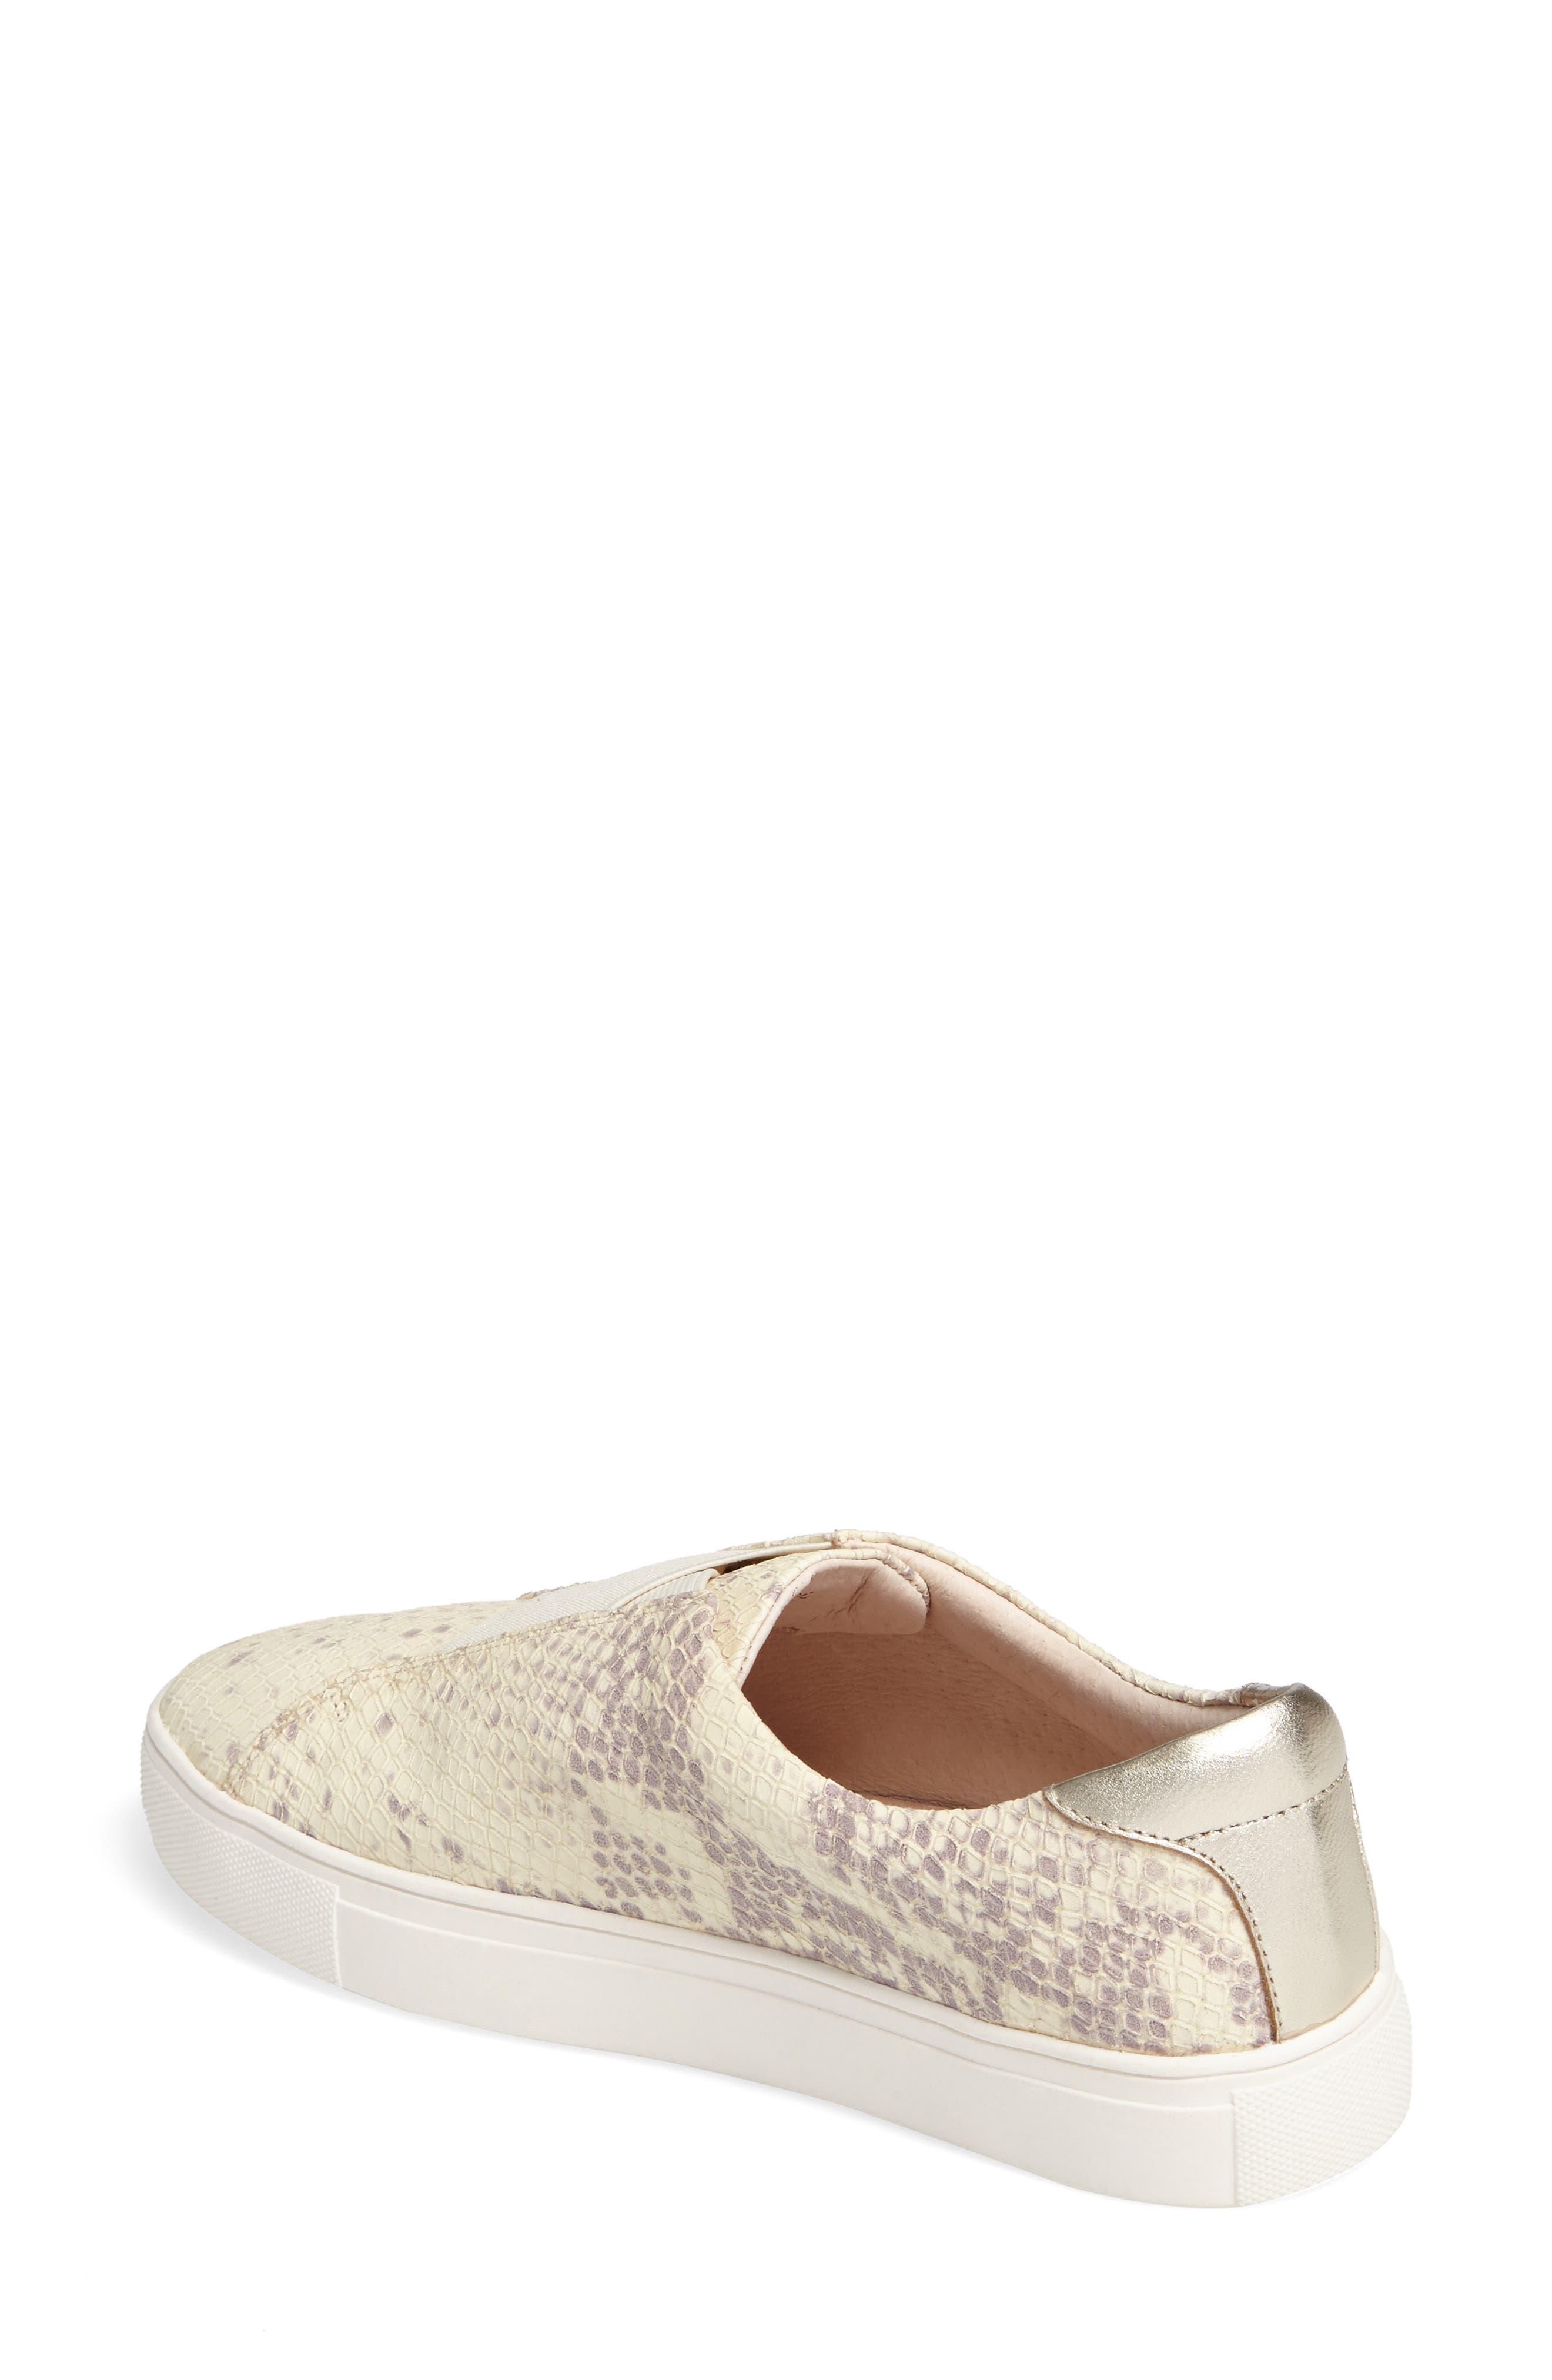 Alternate Image 4  - Sudina Giana Slip-On Sneaker (Women)